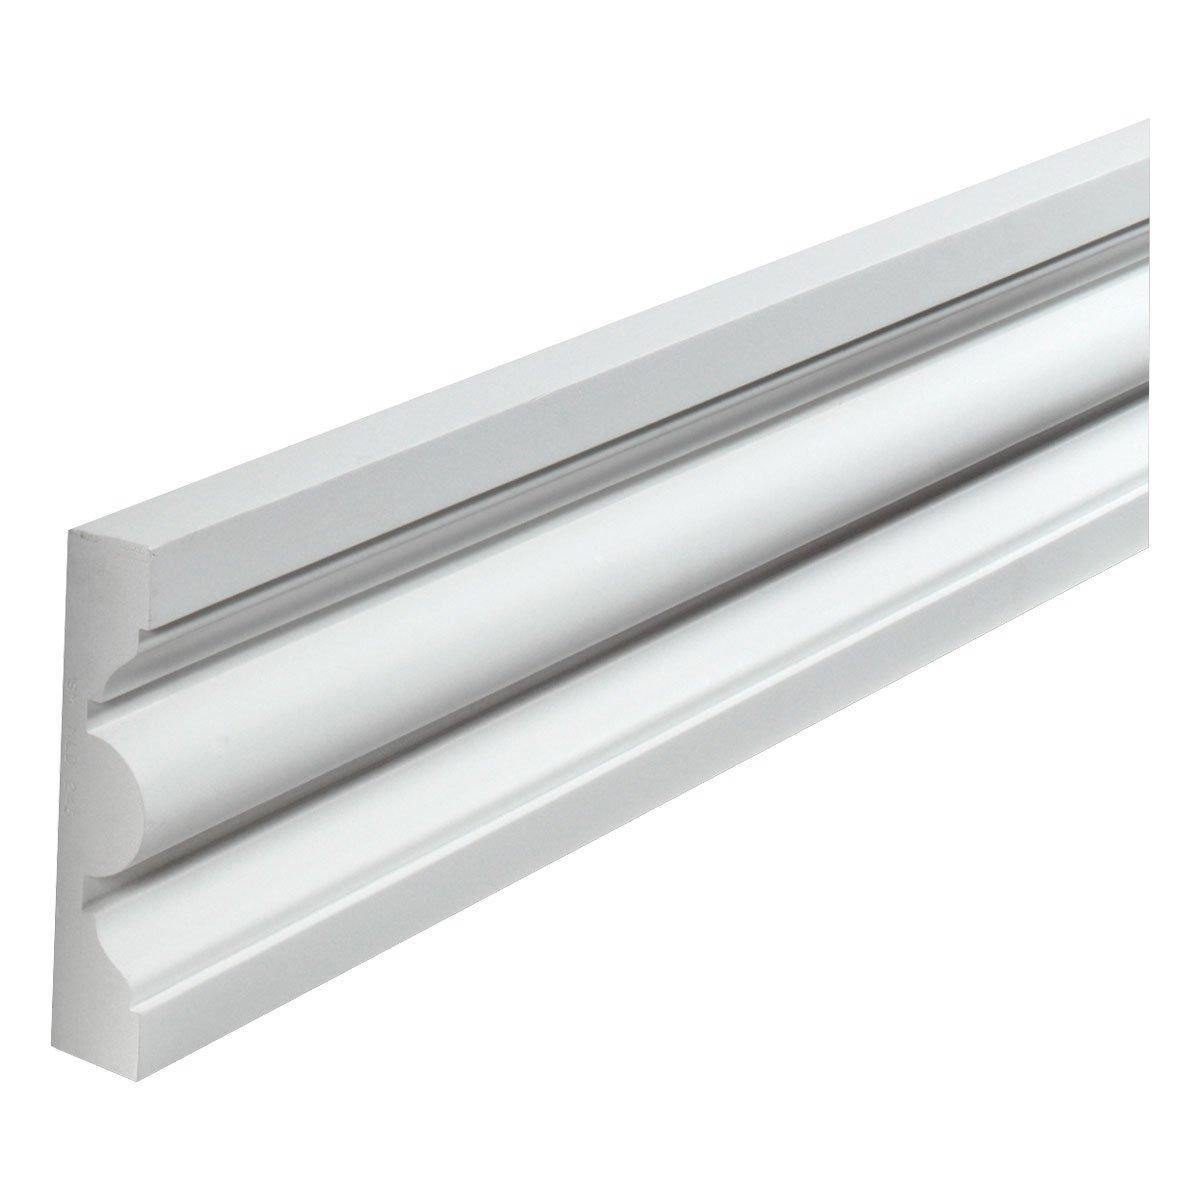 8 13/16''W x 1 15/16''P, 12' Length,Door/Window Moulding